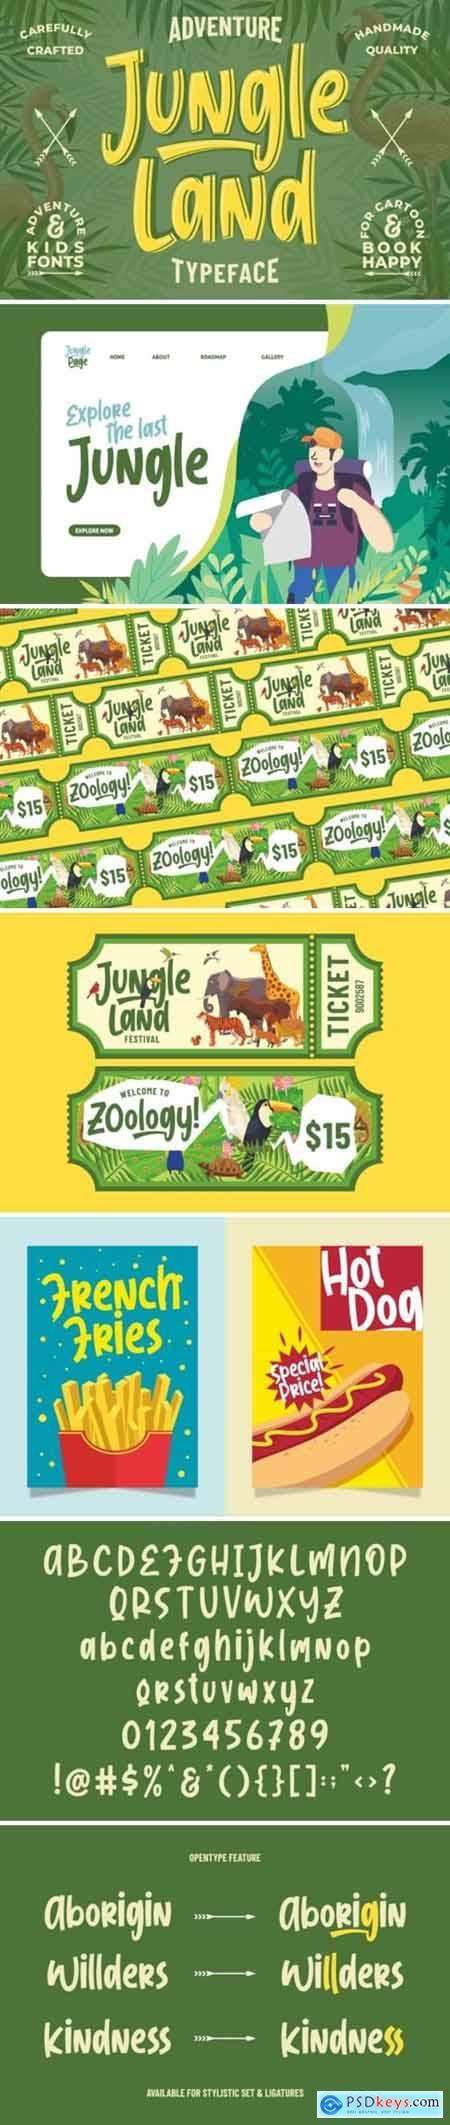 Jungle Land -- Kidsventure Font 4477796